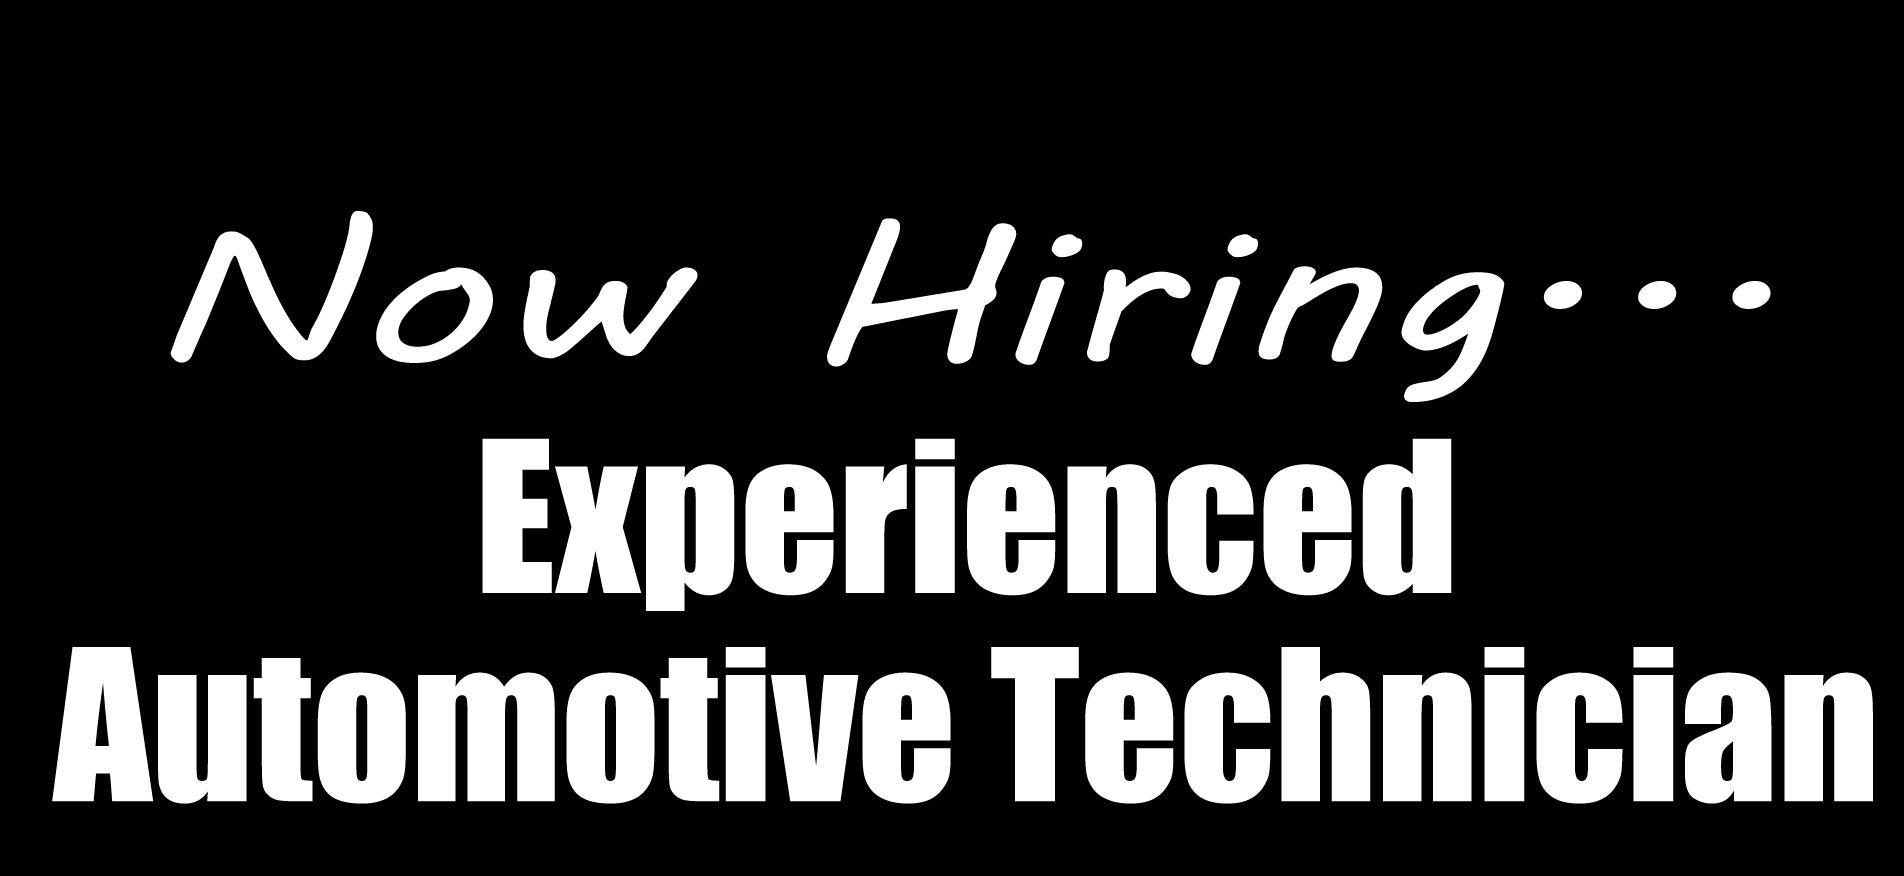 Automoive Technician